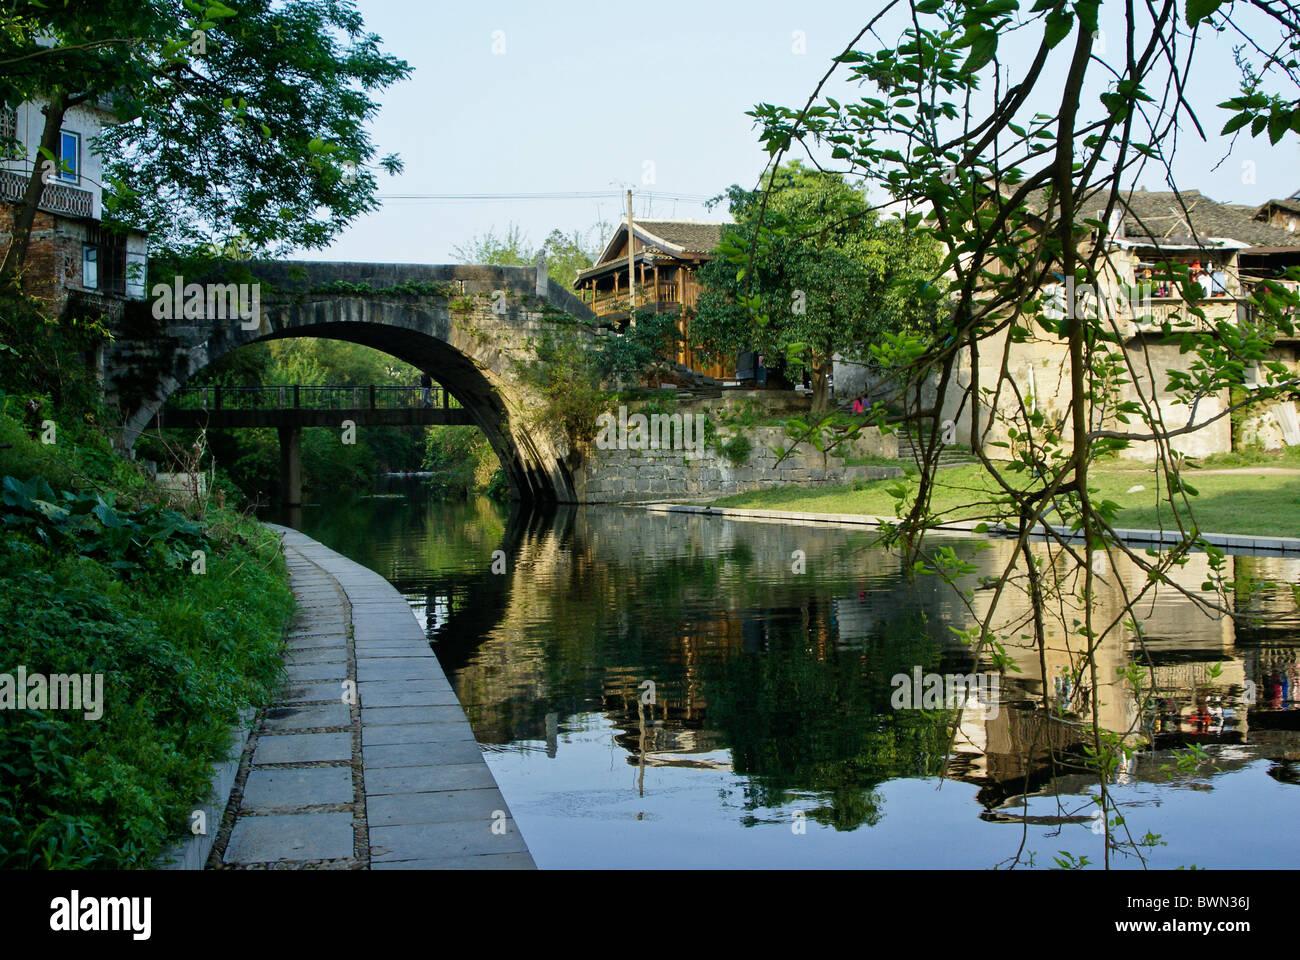 Ponte di longevità, Daxu antica città, Guangxi, Cina Foto Stock